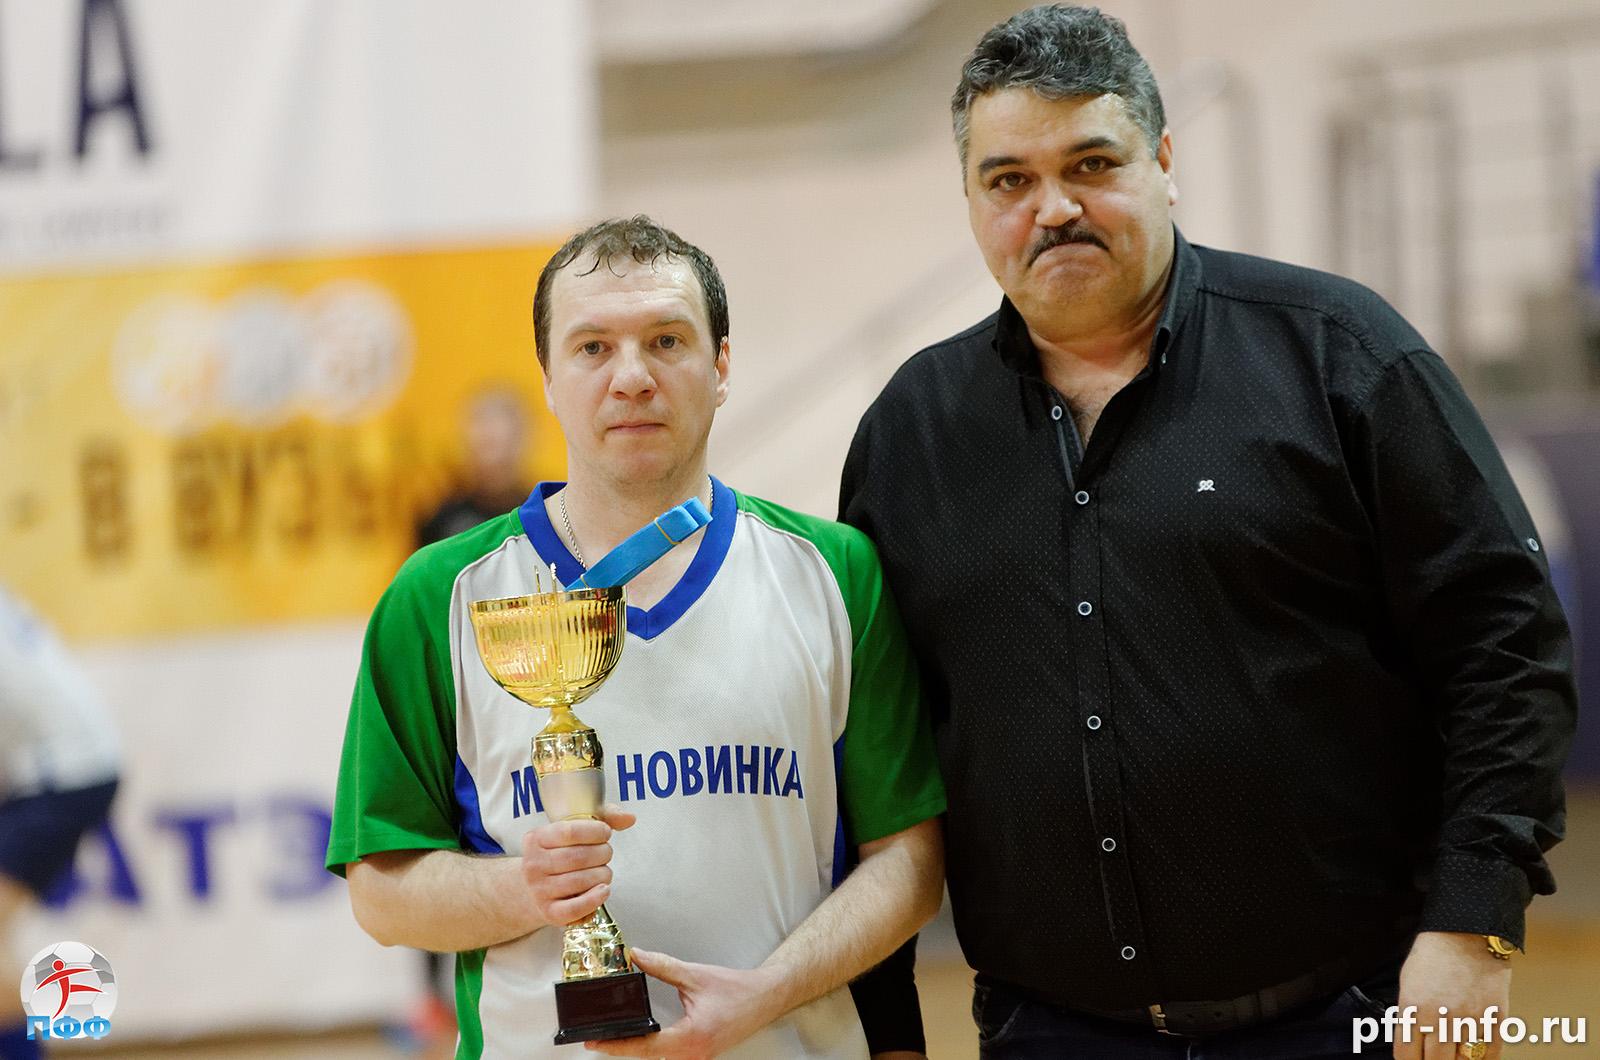 С Днем рождения, Олег Викторович!